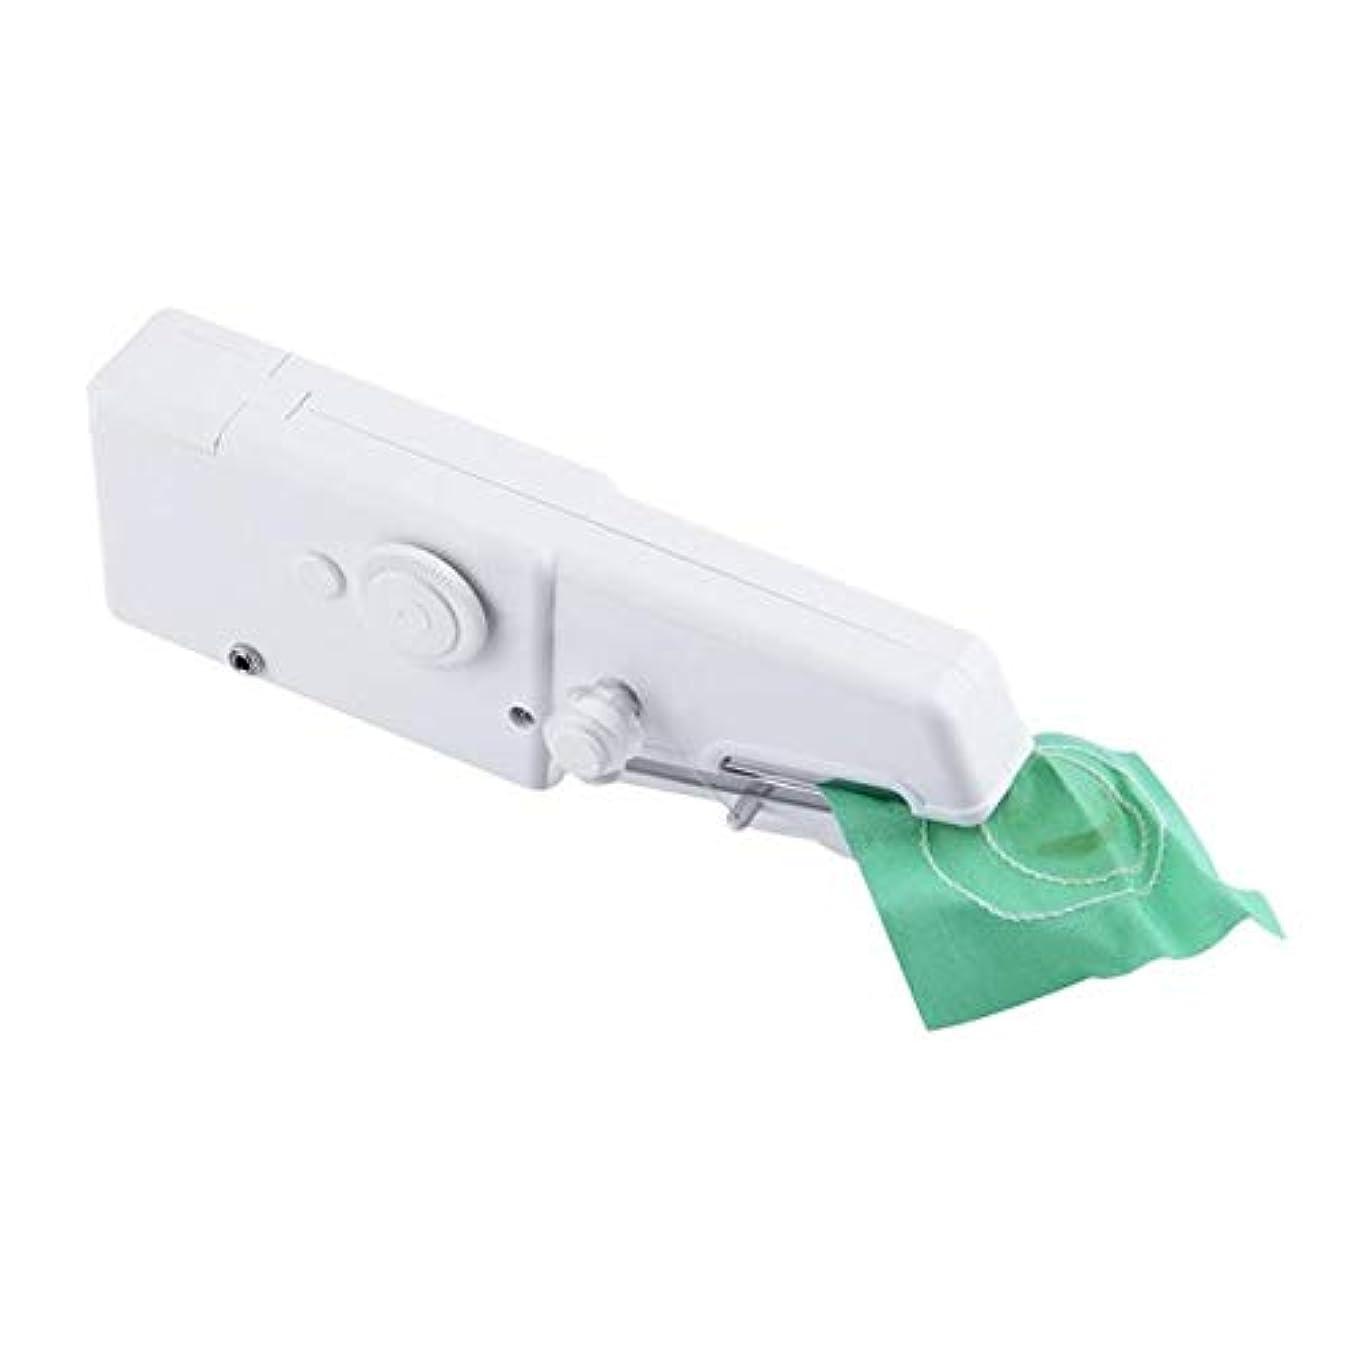 食物シャワー教師の日ポータブルミシンハンディハンドヘルドステッチミシンクイックステッチミシン針仕事コードレス服生地、白